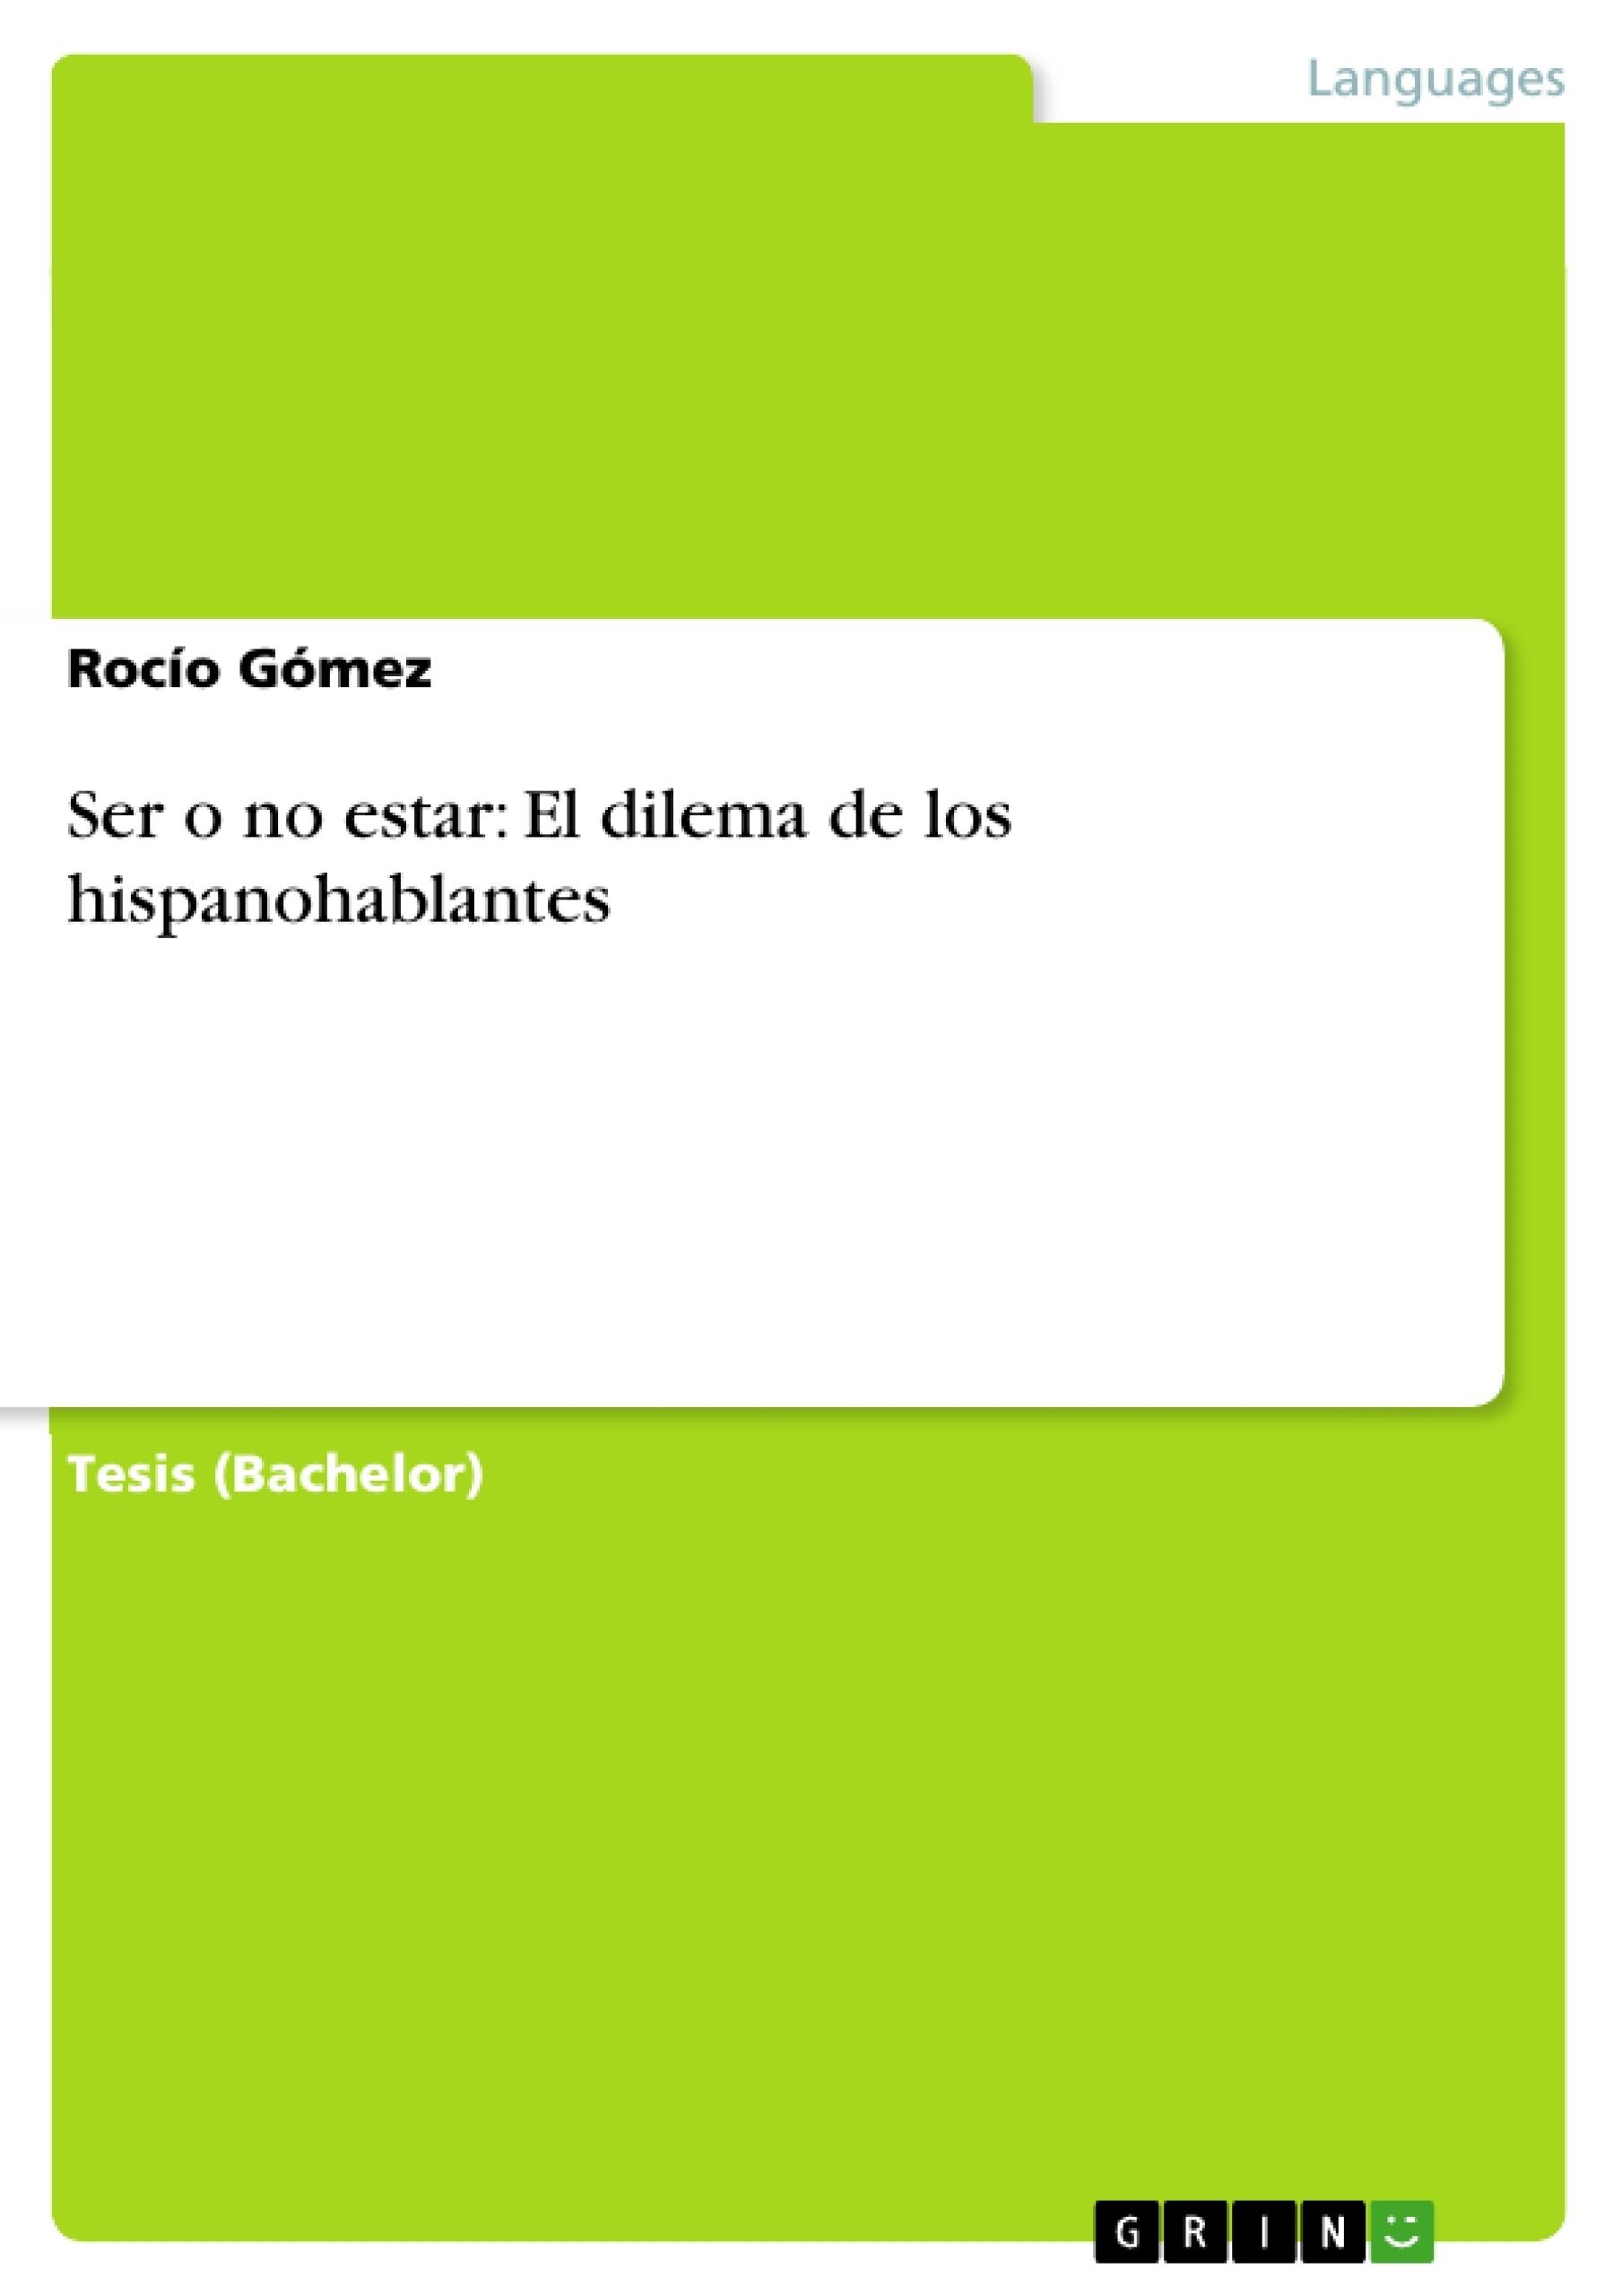 Título: Ser o no estar: El dilema de los hispanohablantes